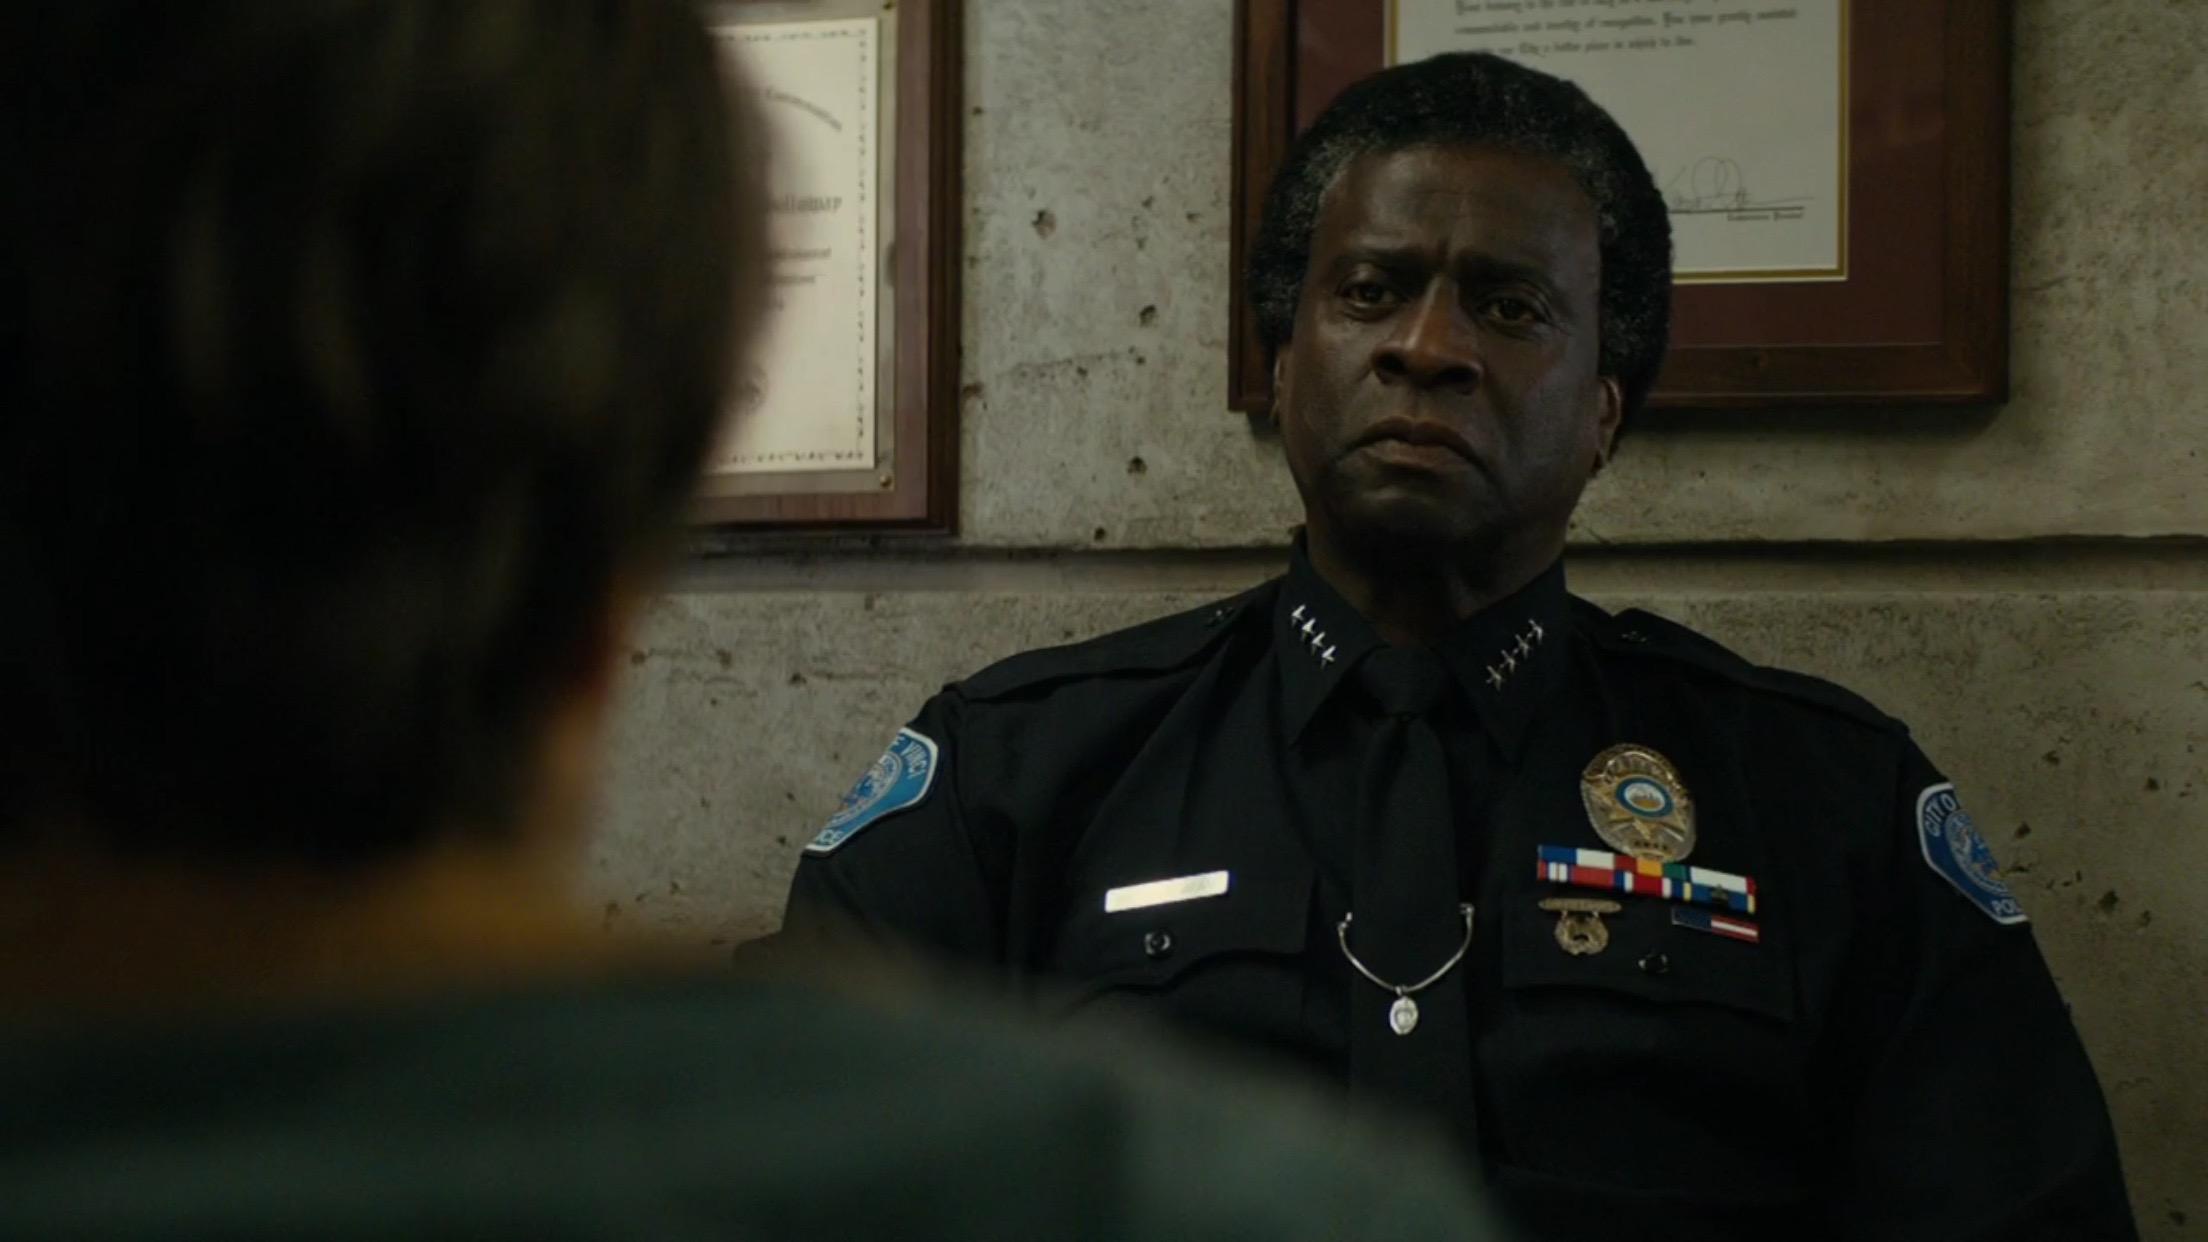 Vinci Police Chief Holloway